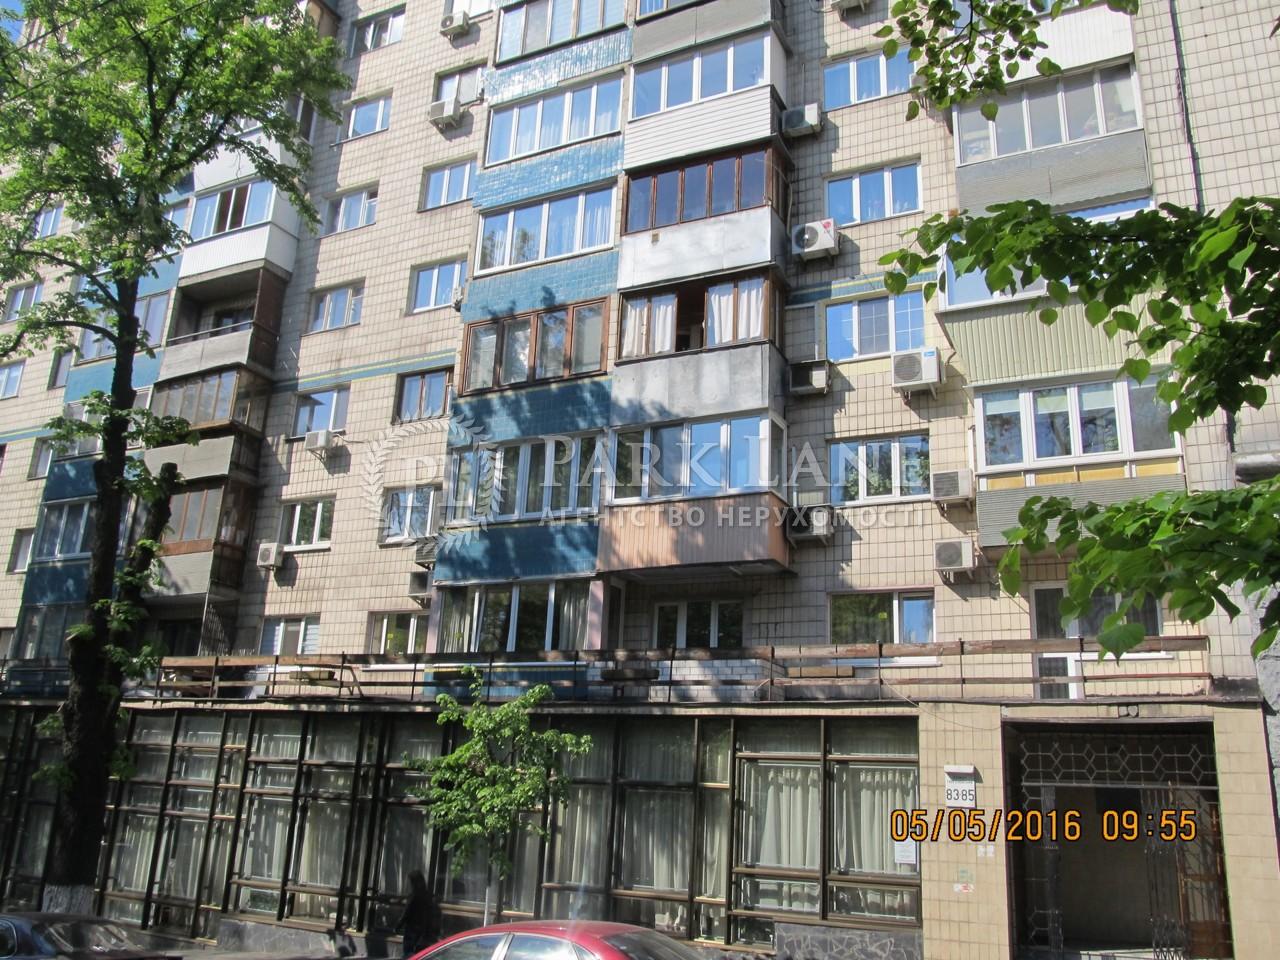 Квартира ул. Тургеневская, 83/85, Киев, H-8185 - Фото 3